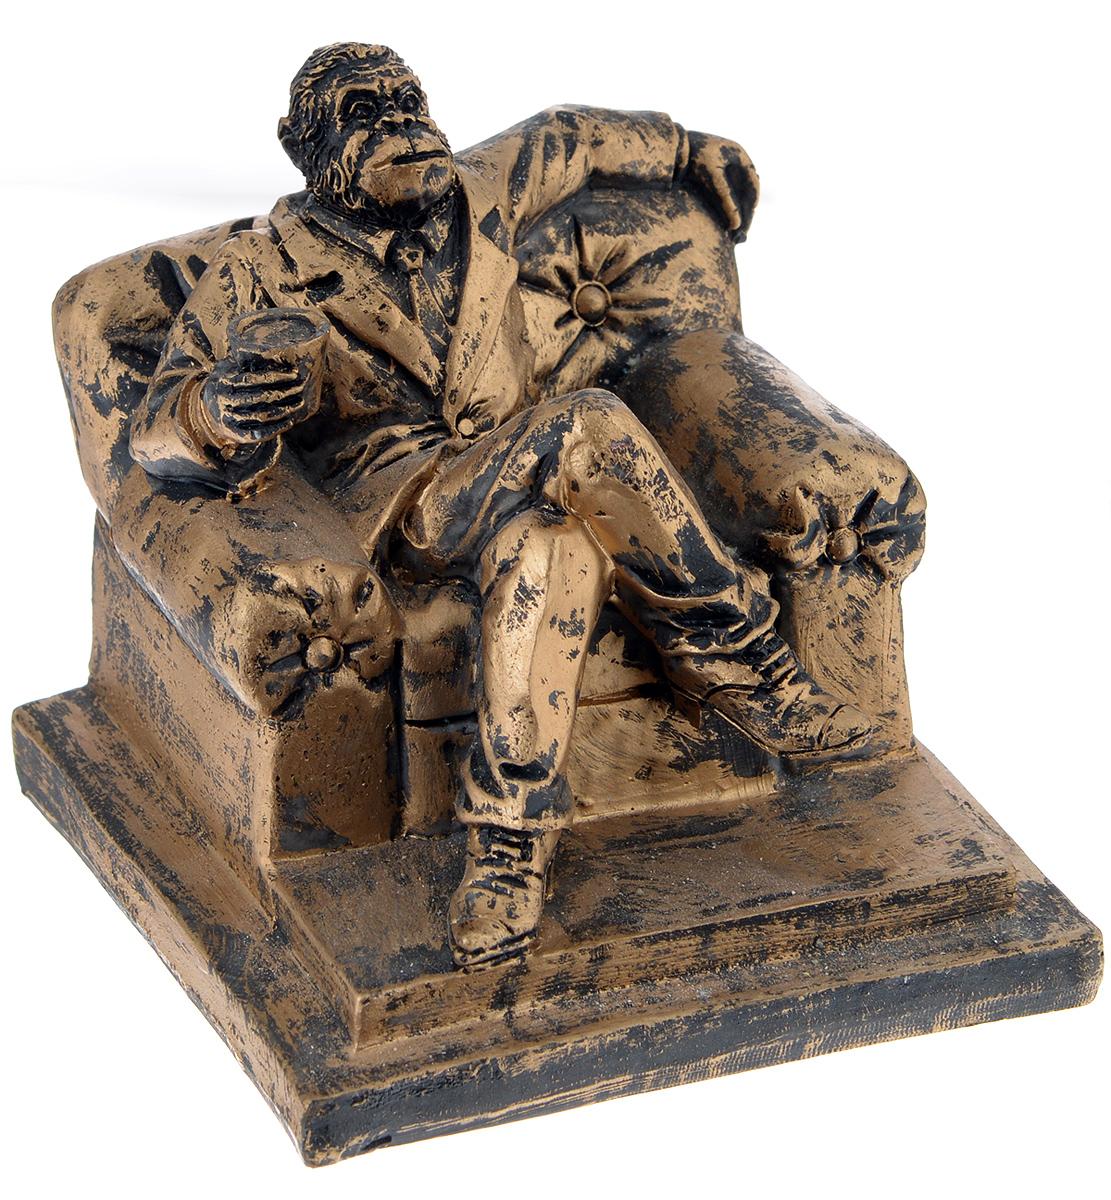 Фигурка декоративная Обезьяна в кресле, высота 9,8 см38229Декоративная фигурка Обезьяна в кресле станет оригинальным подарком для всех любителей стильных вещей. Сувенир выполнен из высококачественной полирезины в форме обезьяны в кресле. Изысканный сувенир станет прекрасным дополнением к интерьеру. Вы можете поставить фигурку в любом месте, где она будет удачно смотреться и радовать глаз.